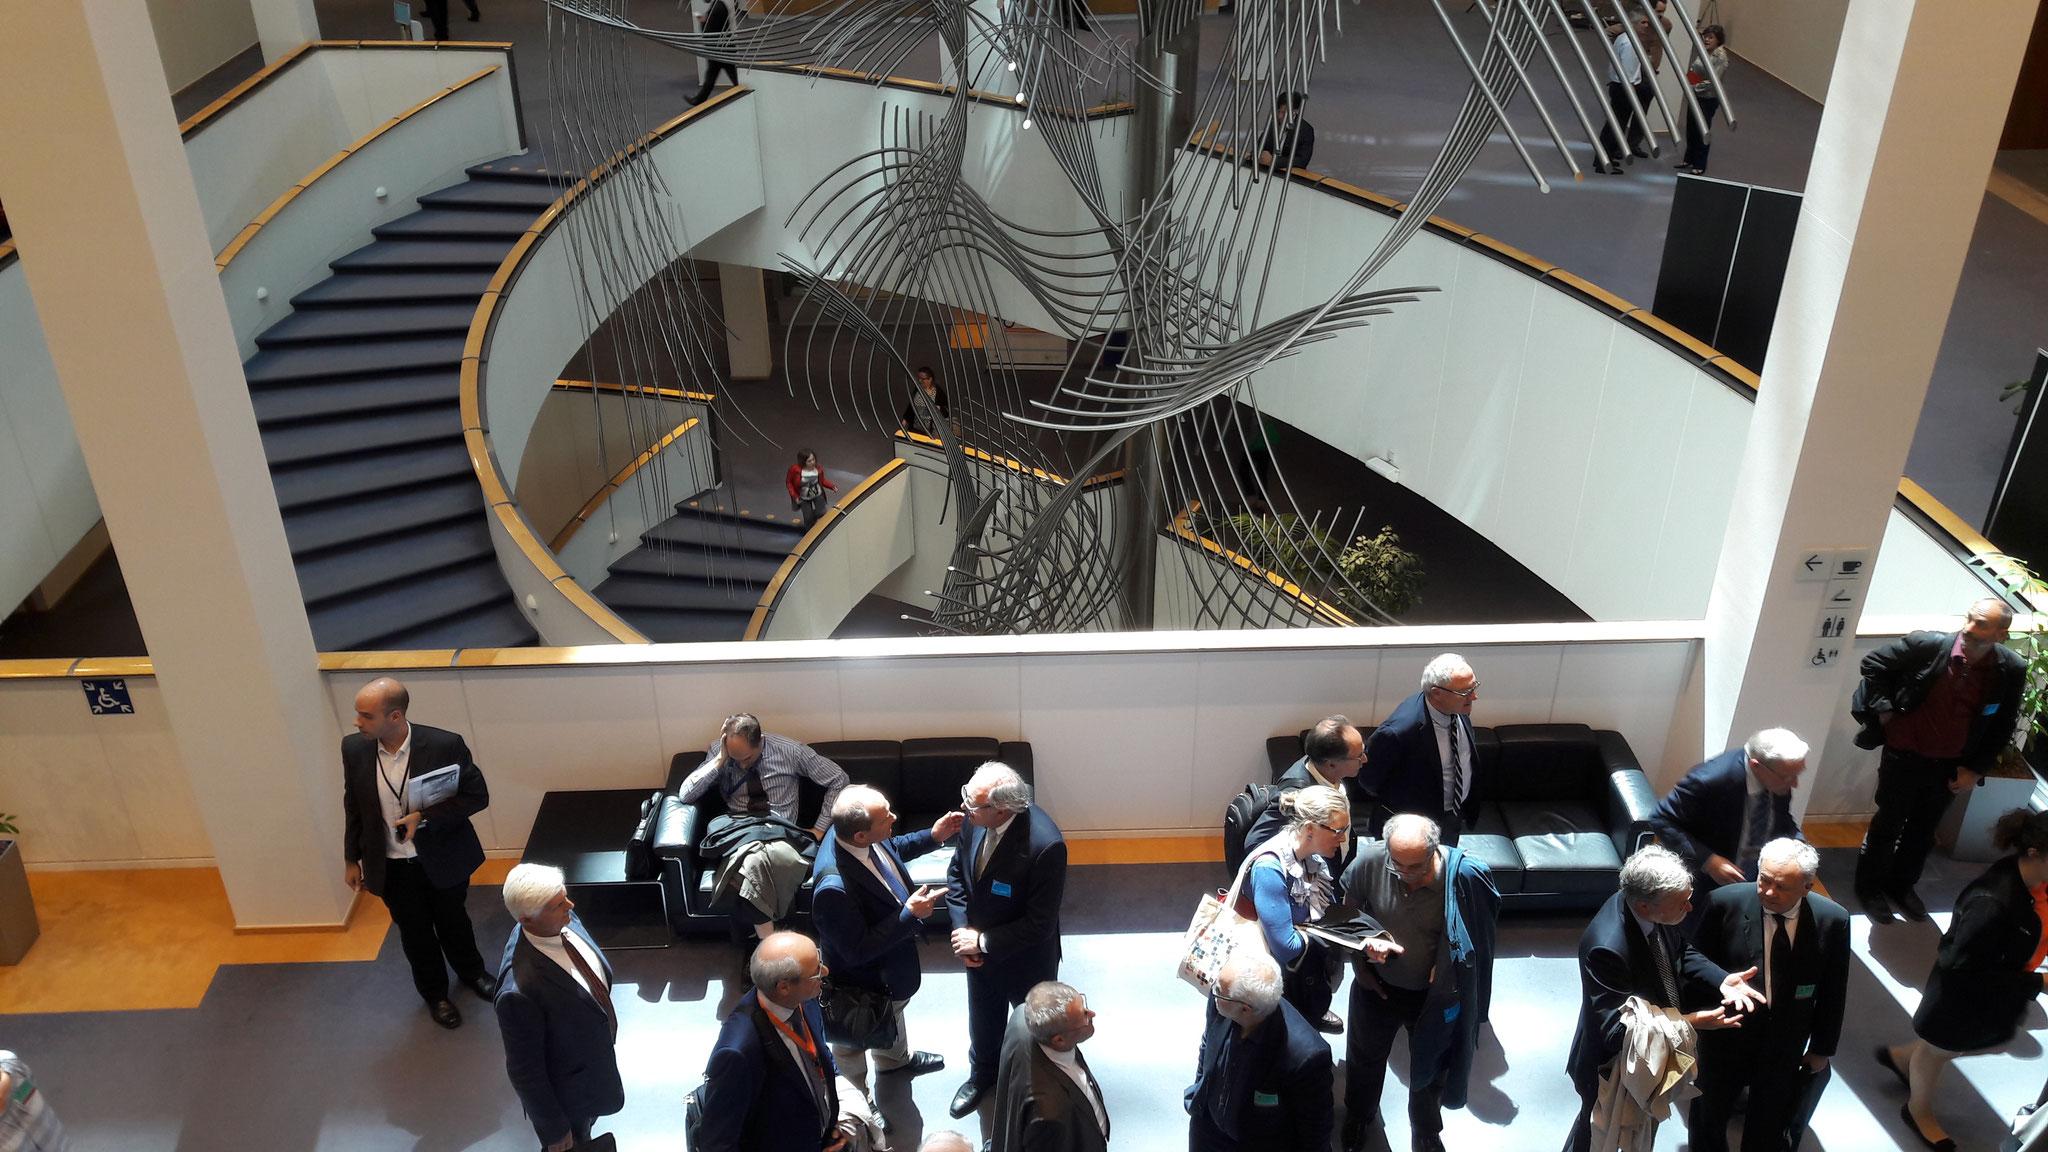 im Parlament, Vorraum zum Sitzungssaal